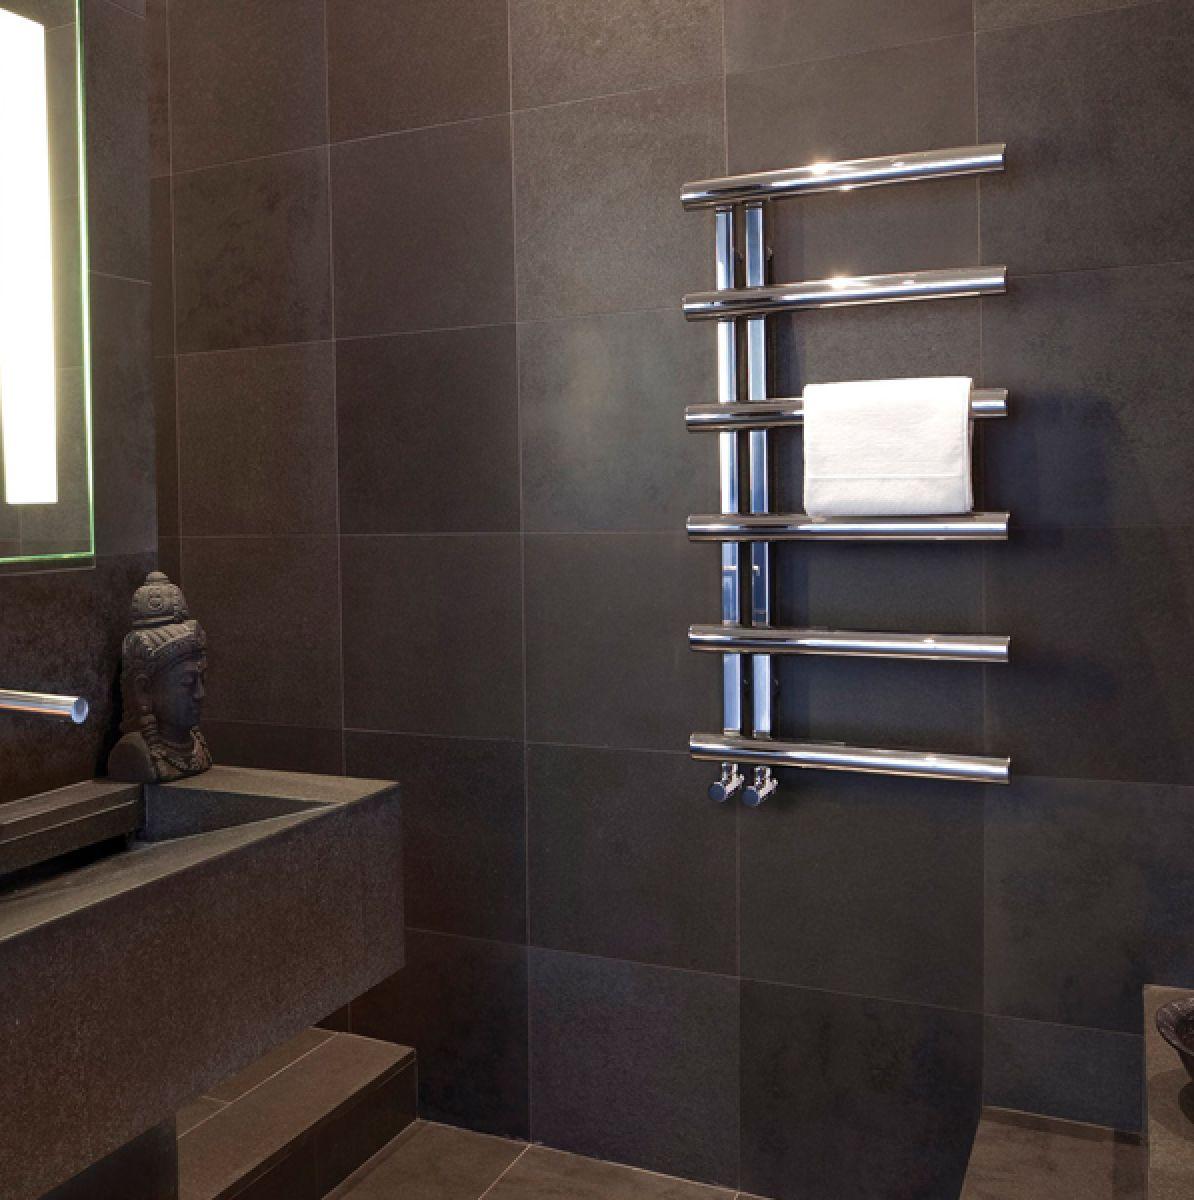 bisque chime towel radiator uk bathrooms. Black Bedroom Furniture Sets. Home Design Ideas